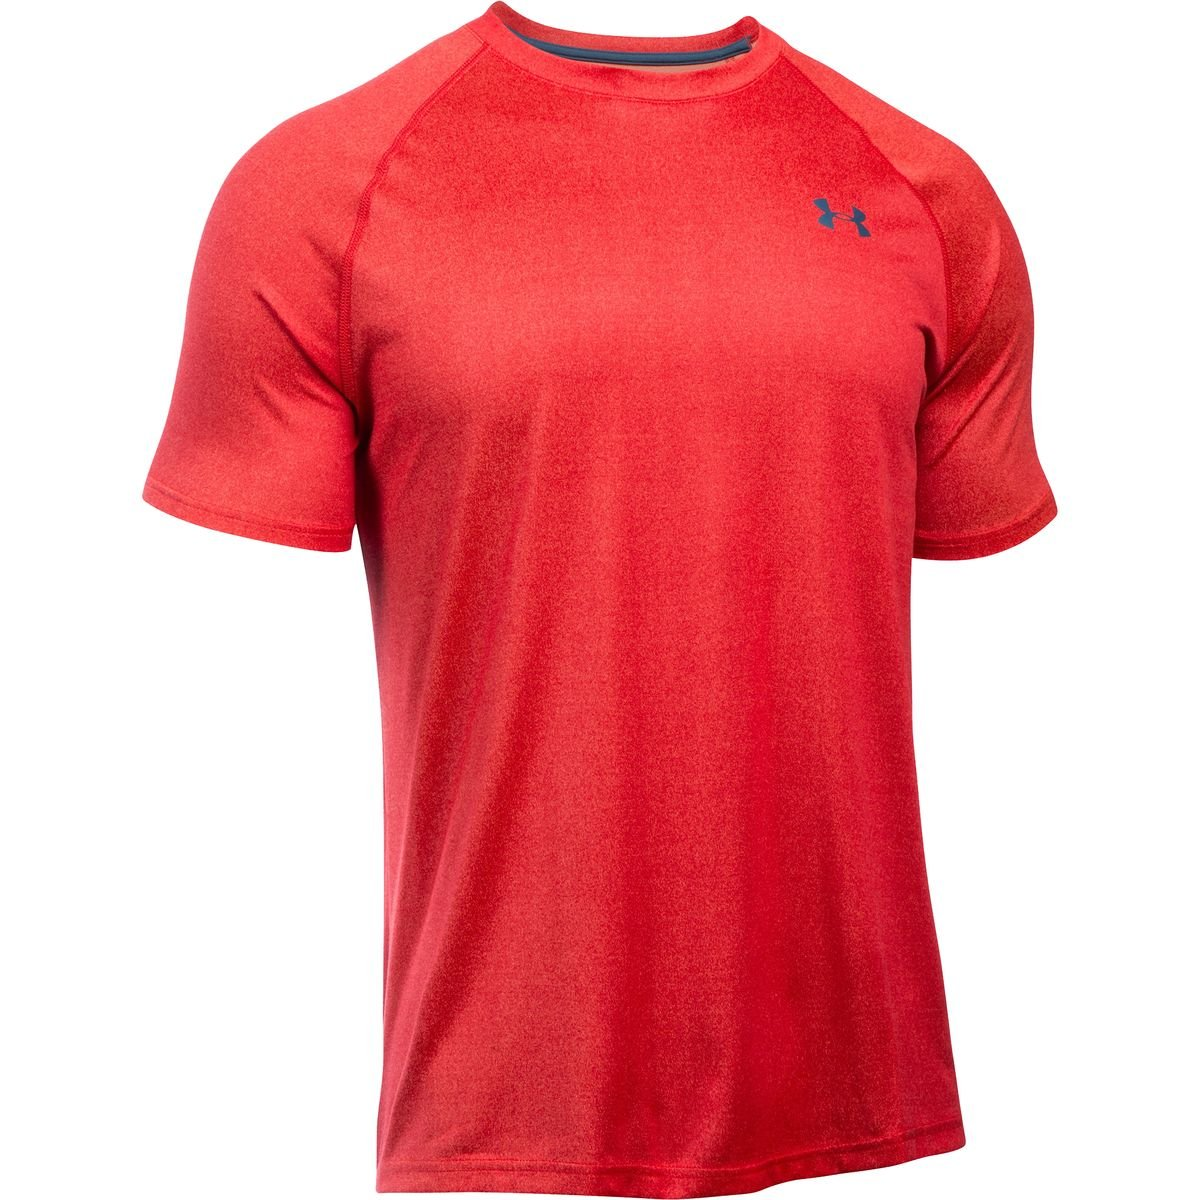 [アンダーアーマー] UA Tech SS Tee メンズ 1228539 B01LQHPNUC Medium|Red/Red/Nova Teal Red/Red/Nova Teal Medium